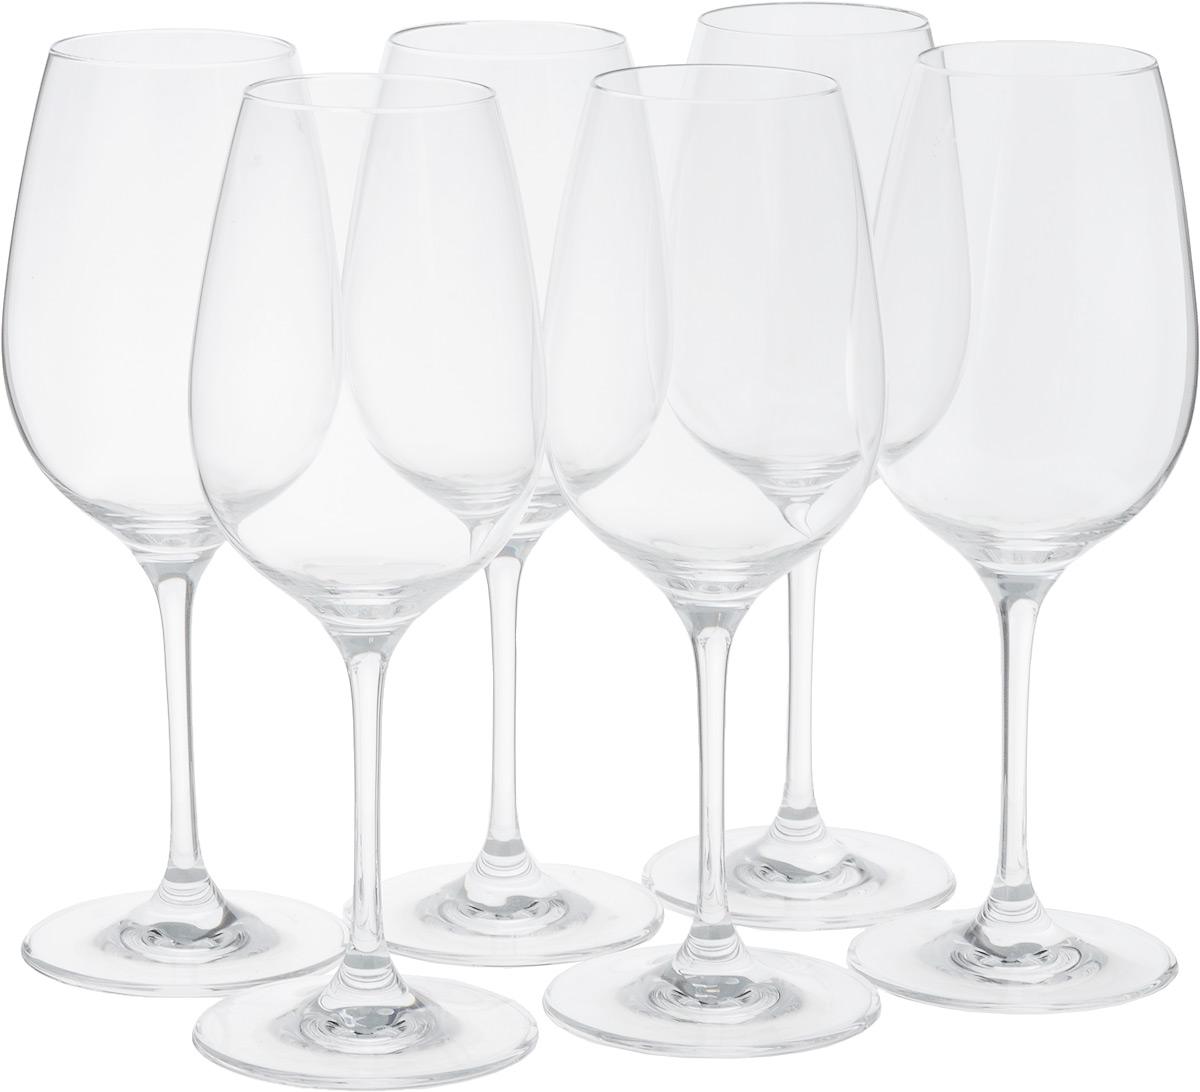 Набор бокалов для красного вина Tescoma Sommelier, 450 мл, 6шт4500175Набор Tescoma Sommelier состоит из 6 бокалов, выполненных из прочного натрий-кальций-силикатного стекла. Изделия оснащены высокими ножками и предназначены для подачи красного вина. Они сочетают в себе элегантный дизайн и функциональность. Набор бокалов Tescoma Sommelier прекрасно оформит праздничный стол и создаст приятную атмосферу за романтическим ужином. Такой набор также станет хорошим подарком к любому случаю. Можно мыть в посудомоечной машине.Высота бокала: 22,5 см.Диаметр бокала (по верхнему краю): 5,5 см.